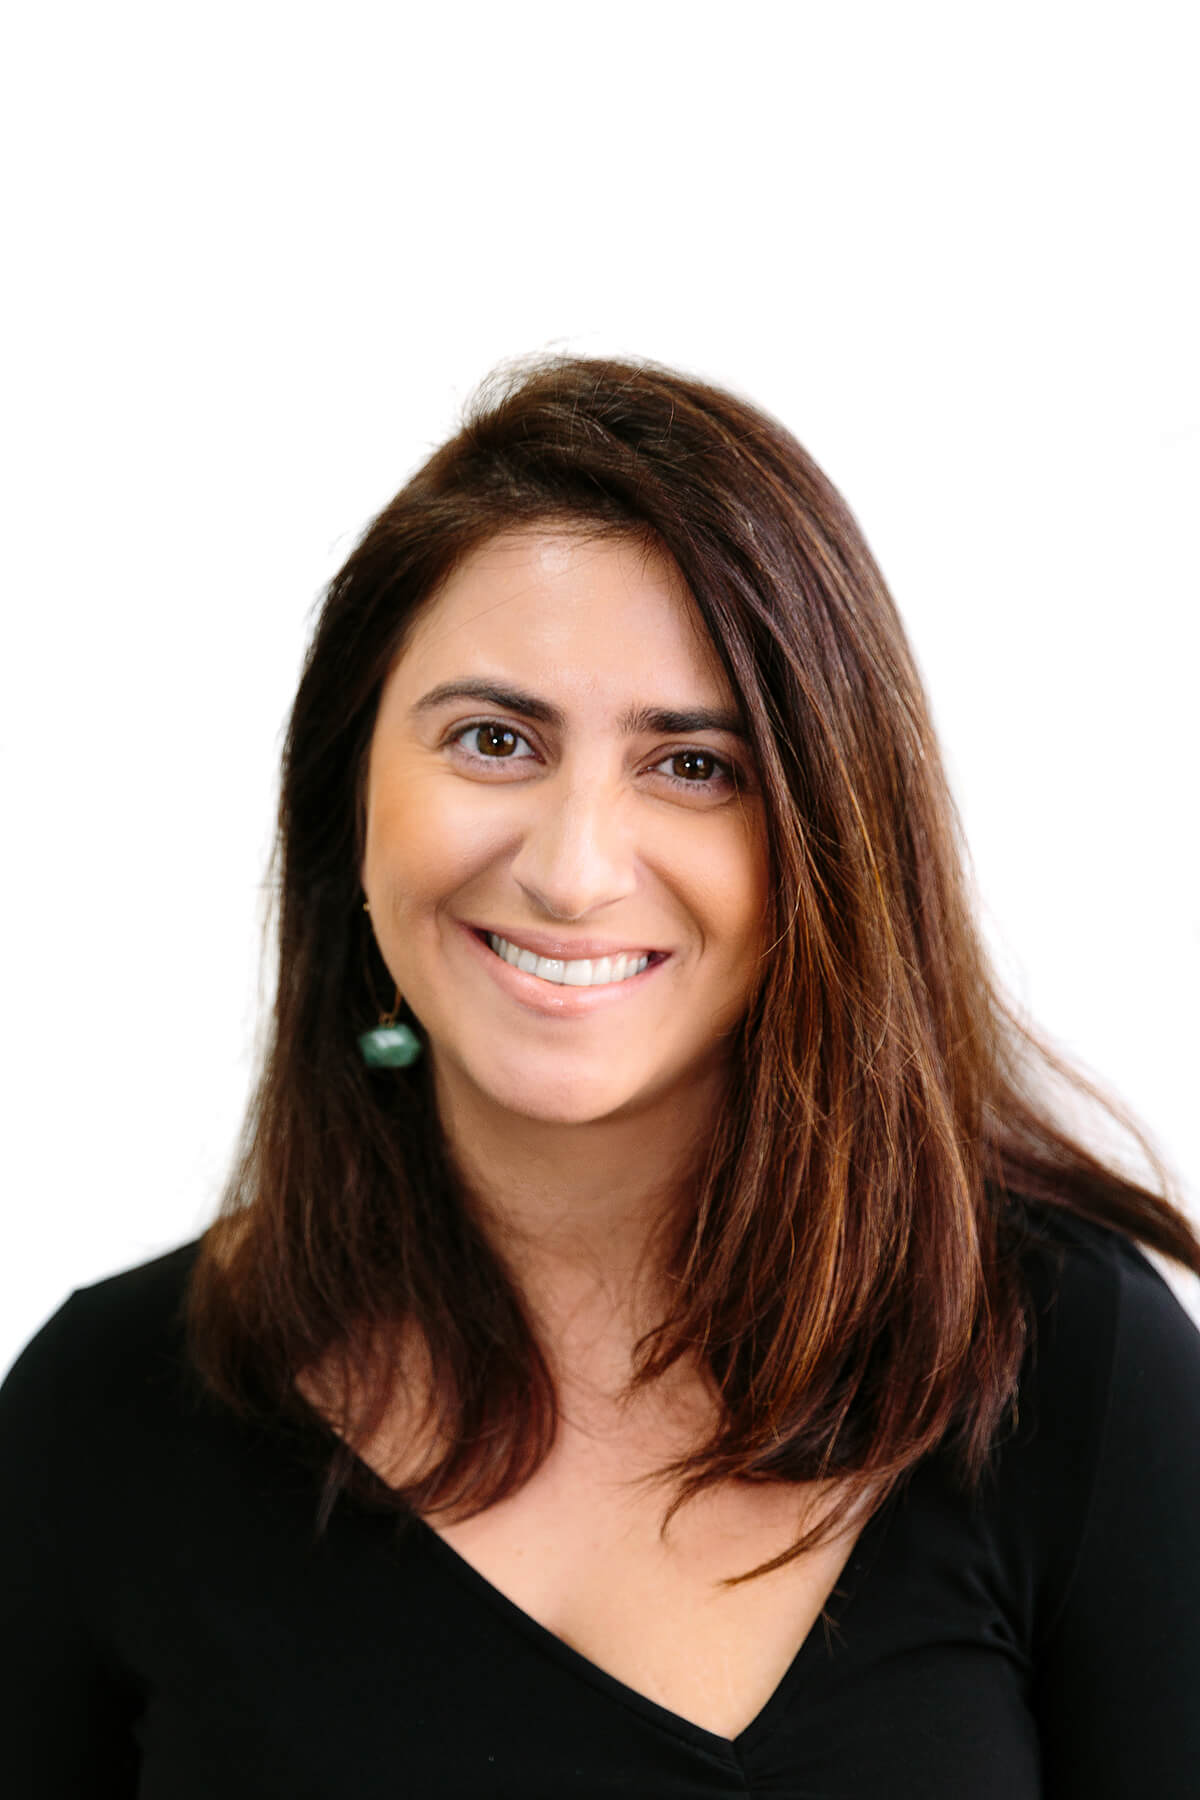 Kate Palayan